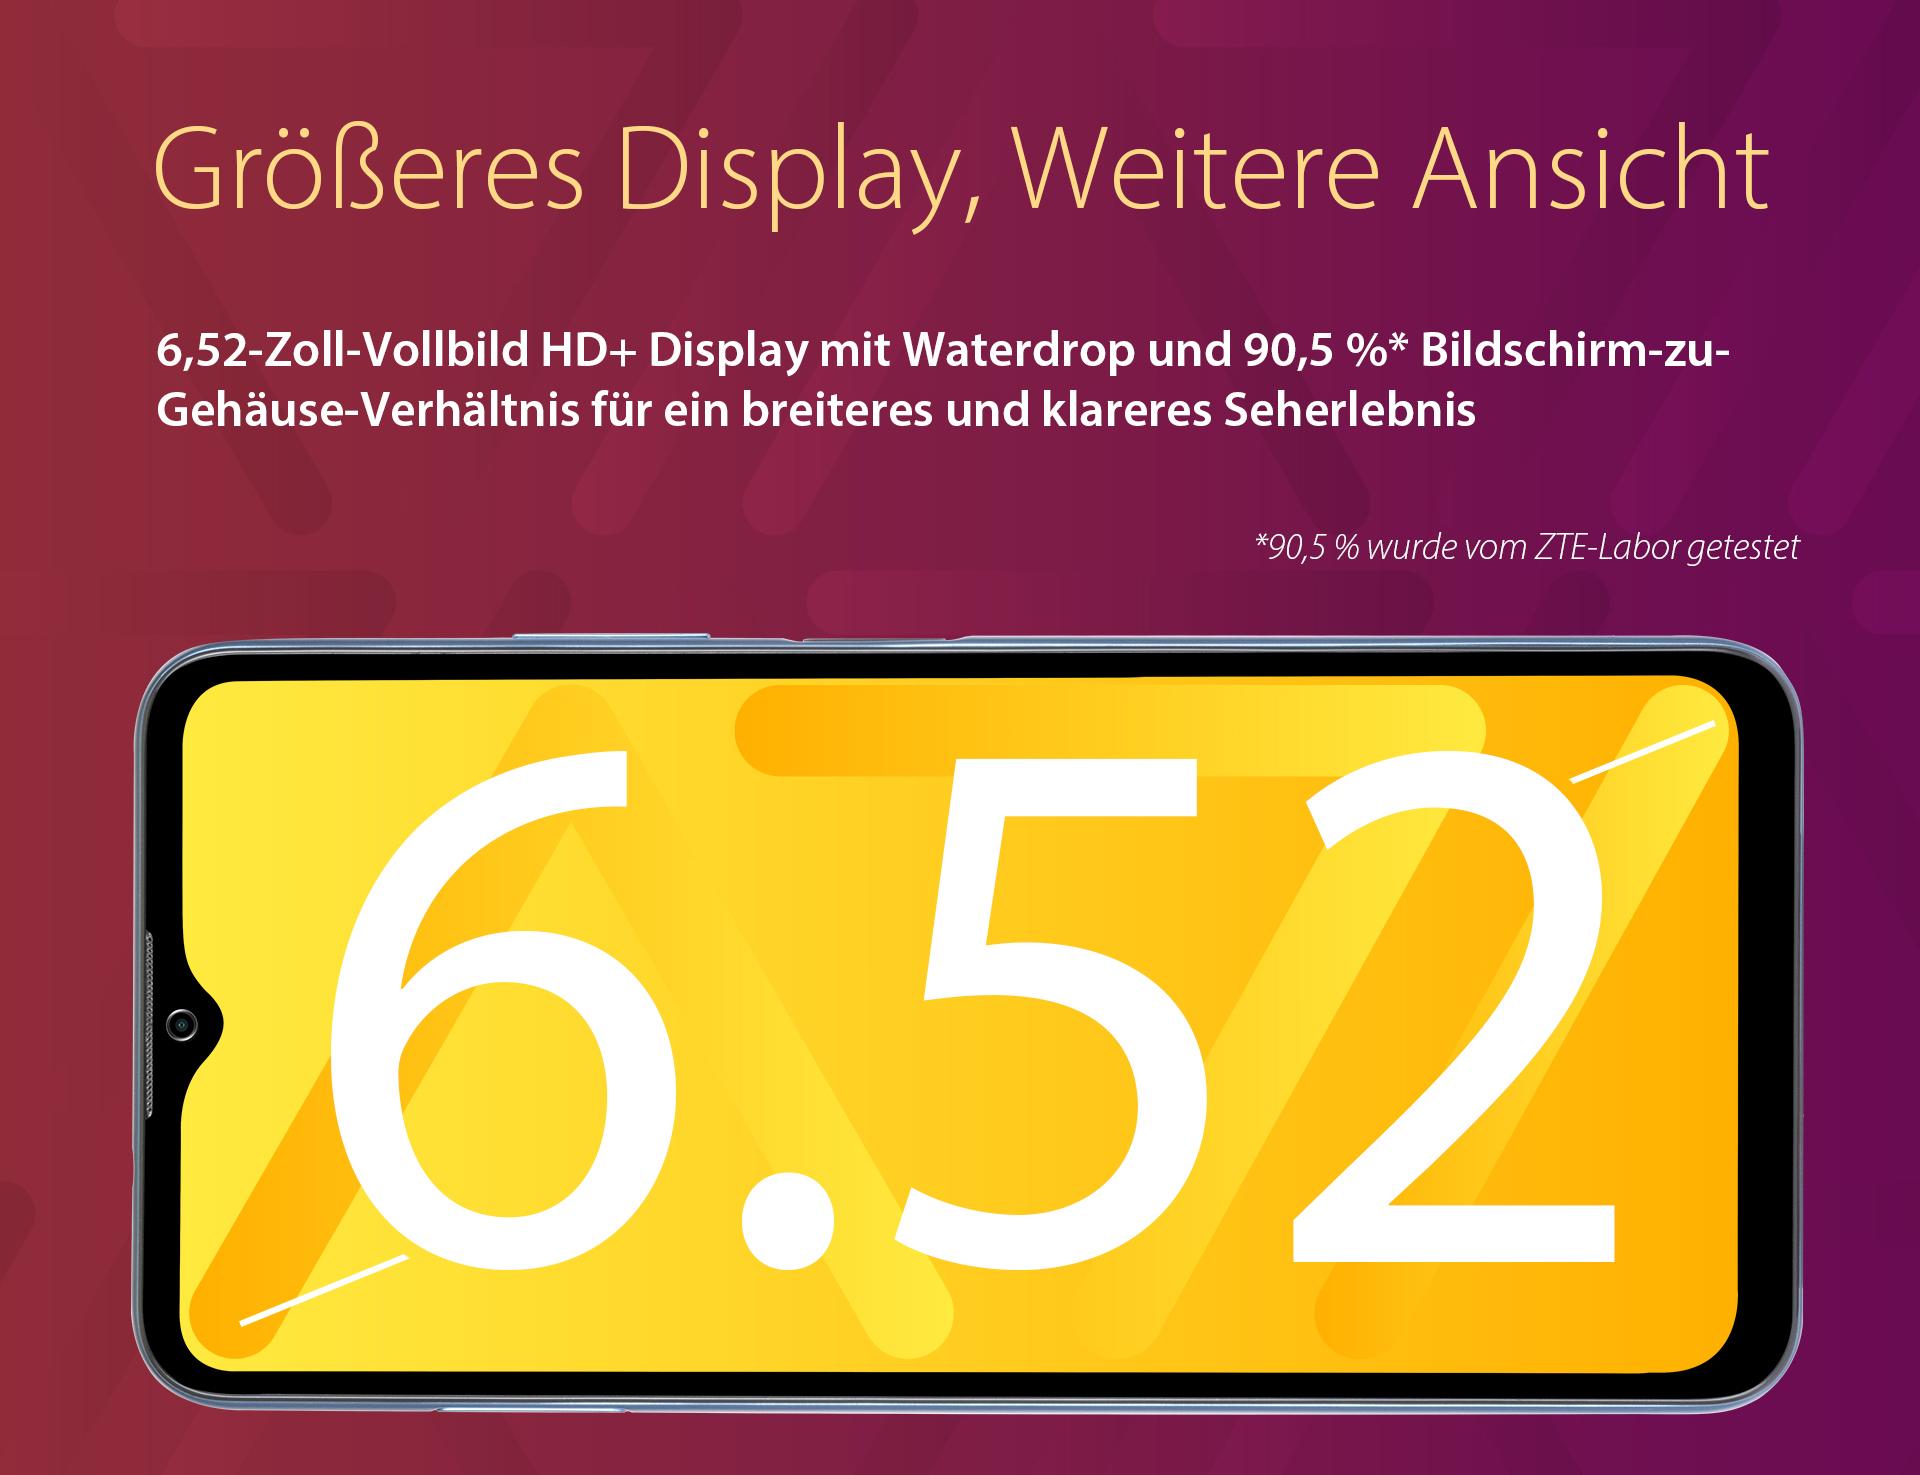 Das ZTE Blade A71 hat ein größeres Display, weitere Ansicht - 6,52-Zoll-Vollbild HD+ Display mit Waterdrop Notch und 90,5% Bildschirm-zu-Gehäuse-Verhältnis für ein breiteres und klareres Seherlebnis